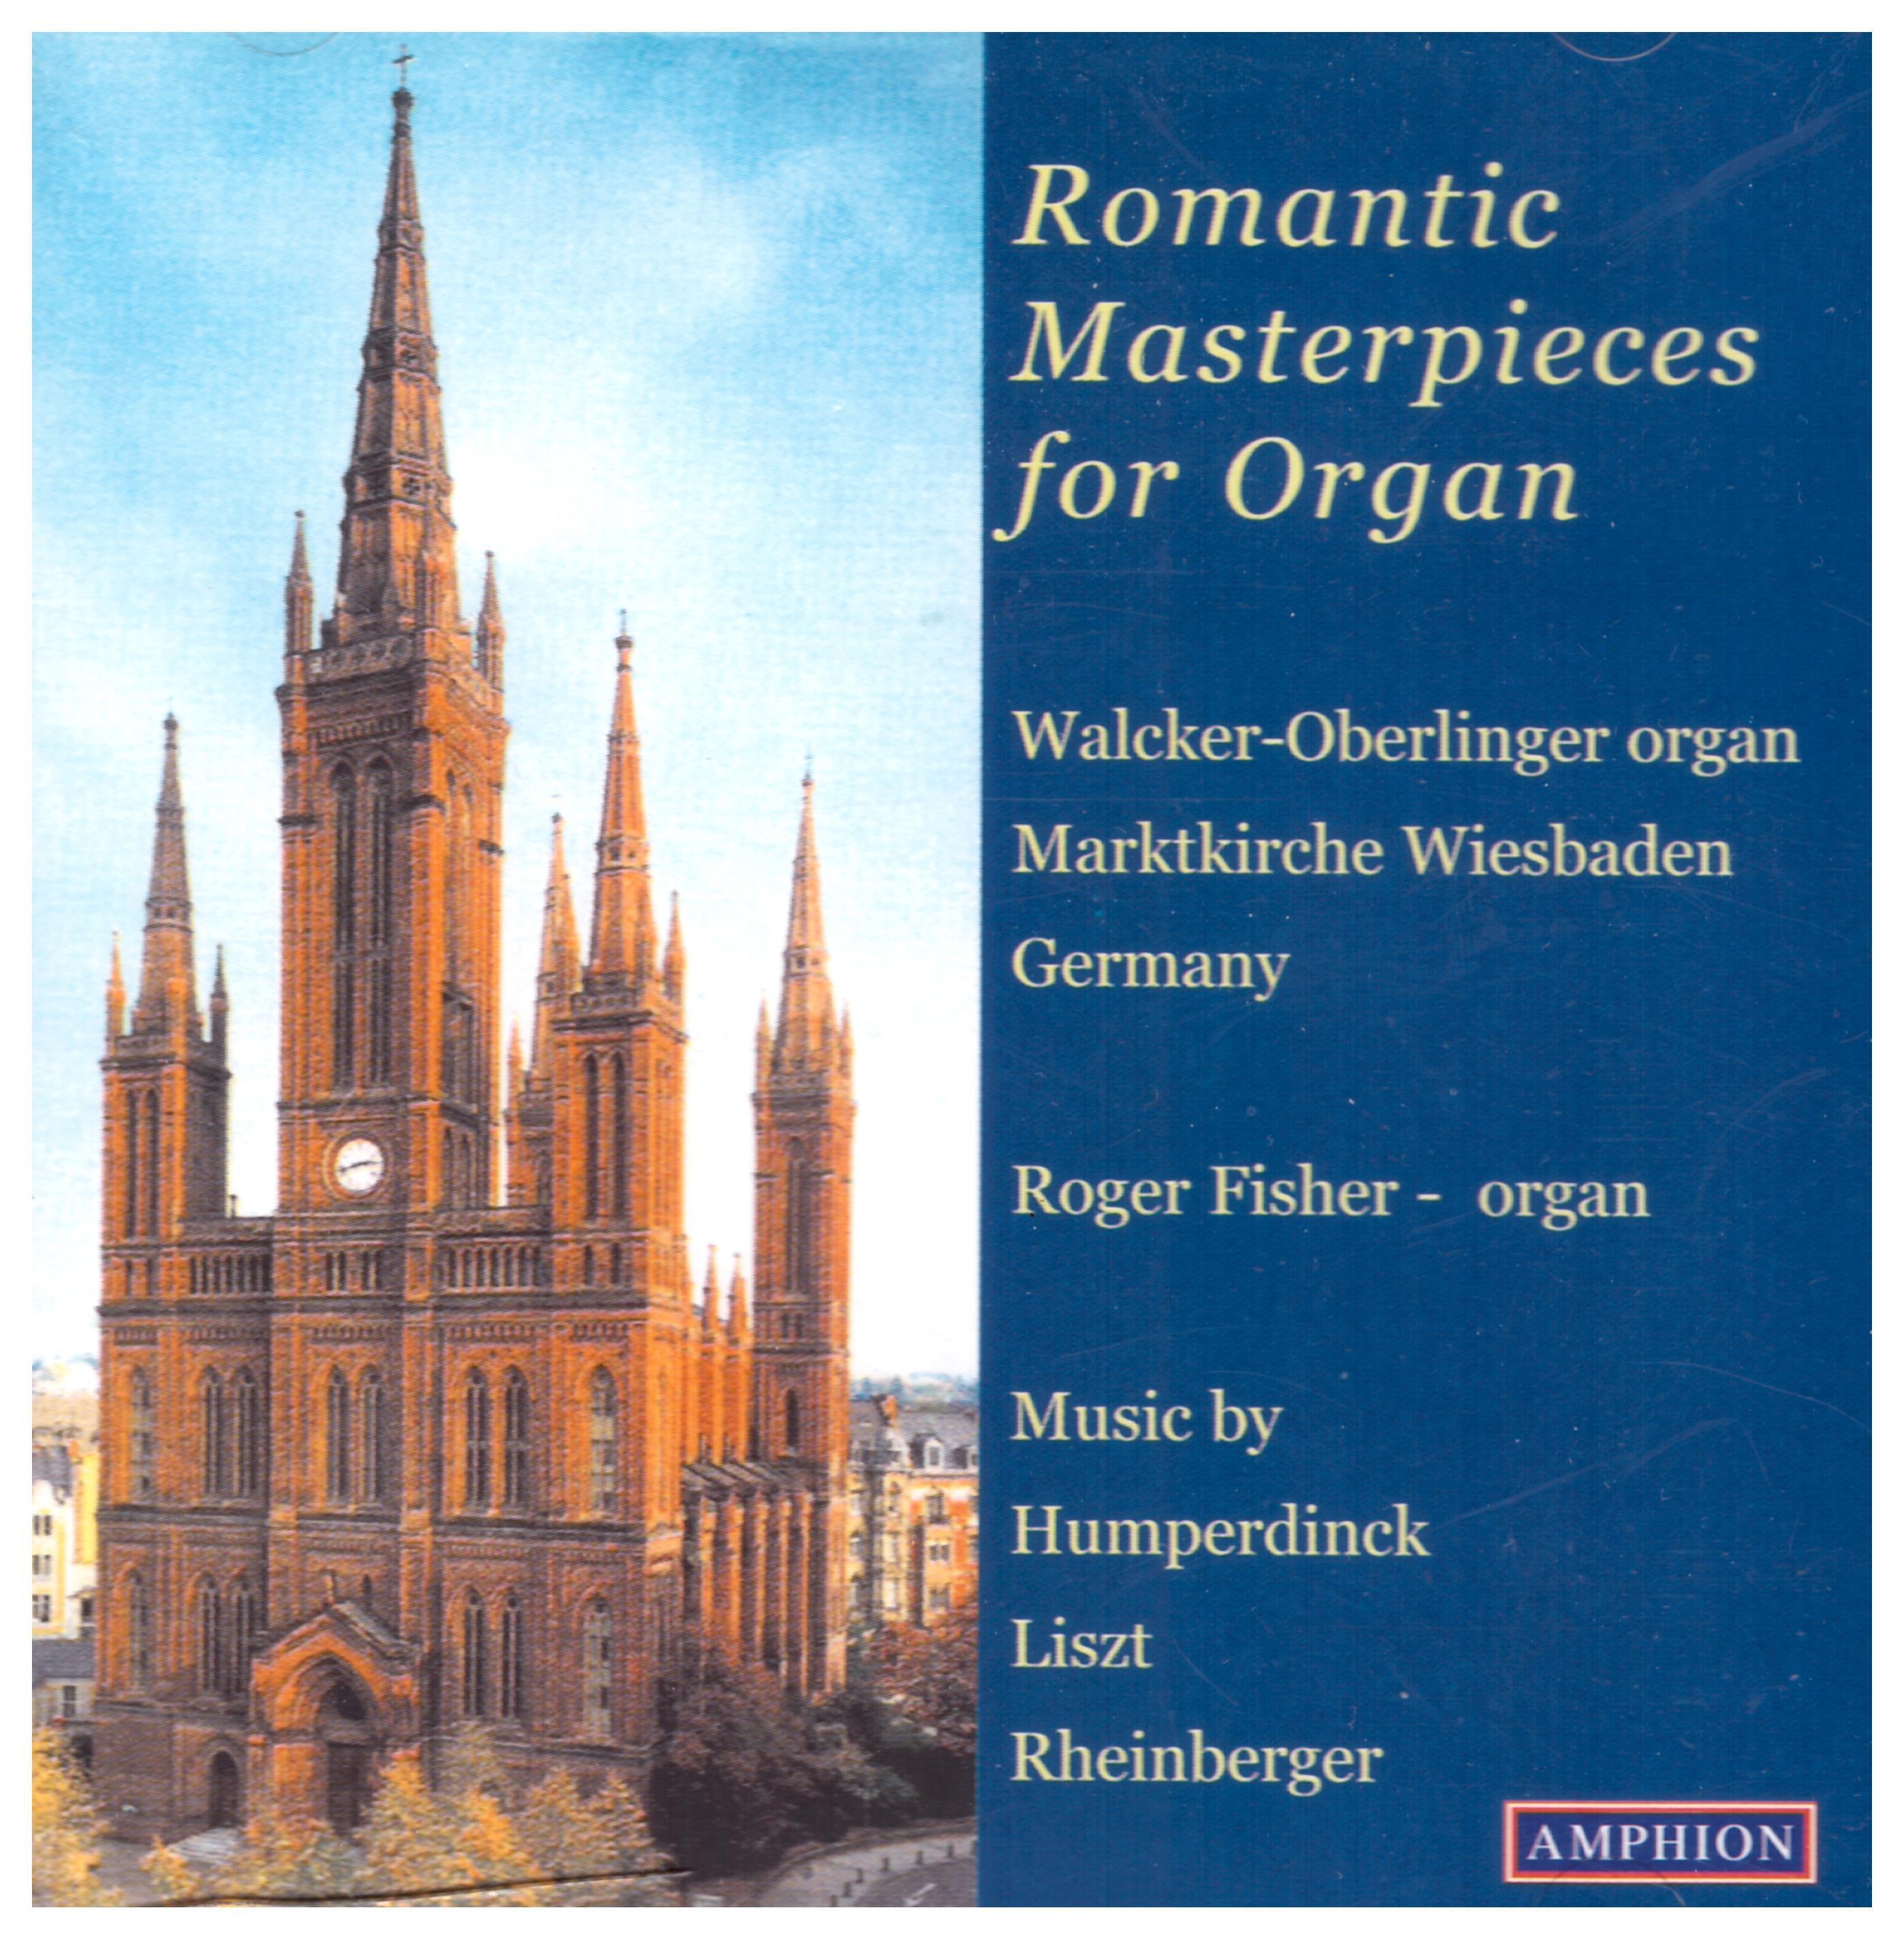 Romantic Masterpieces for Organ